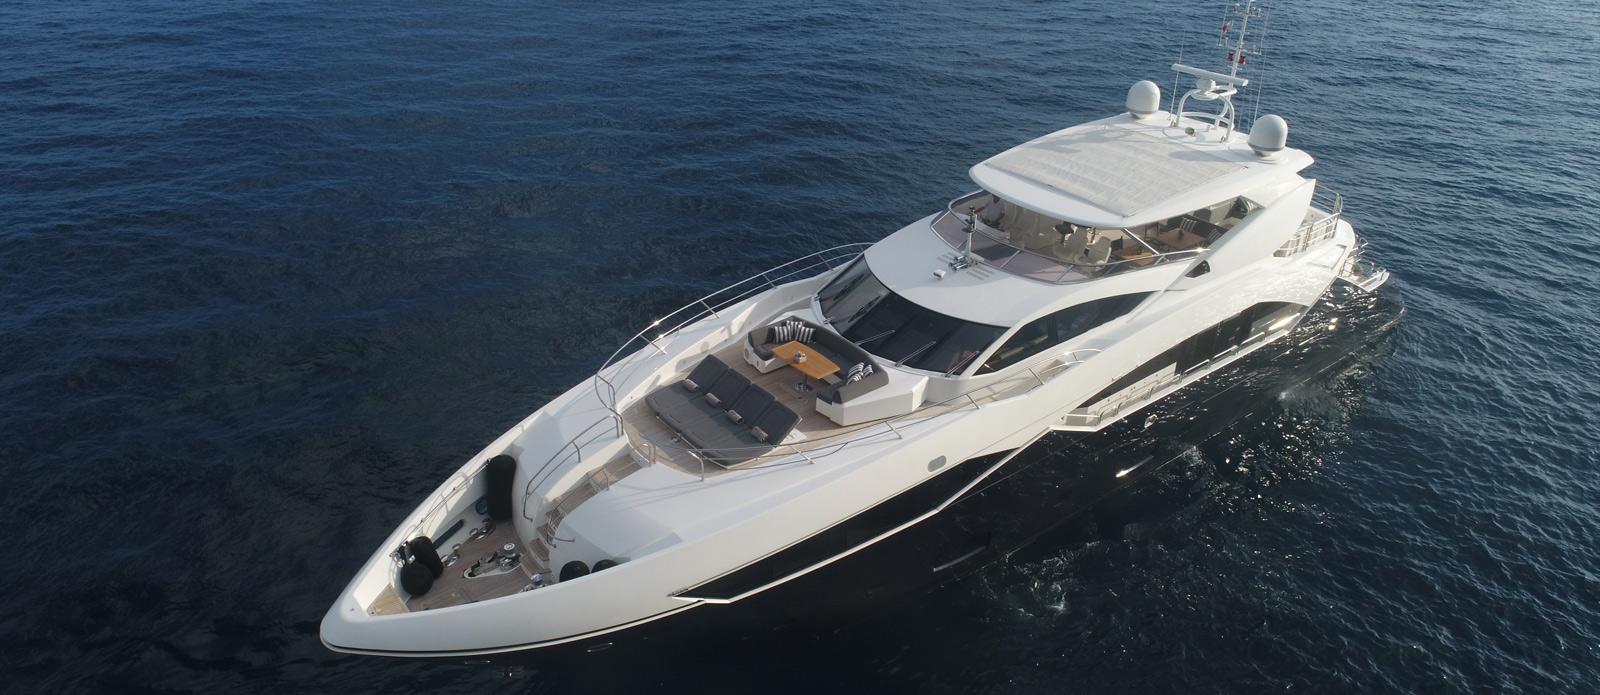 Sunseeker-115-Sport-Yacht-Zulu-Bow-Drone-Photo